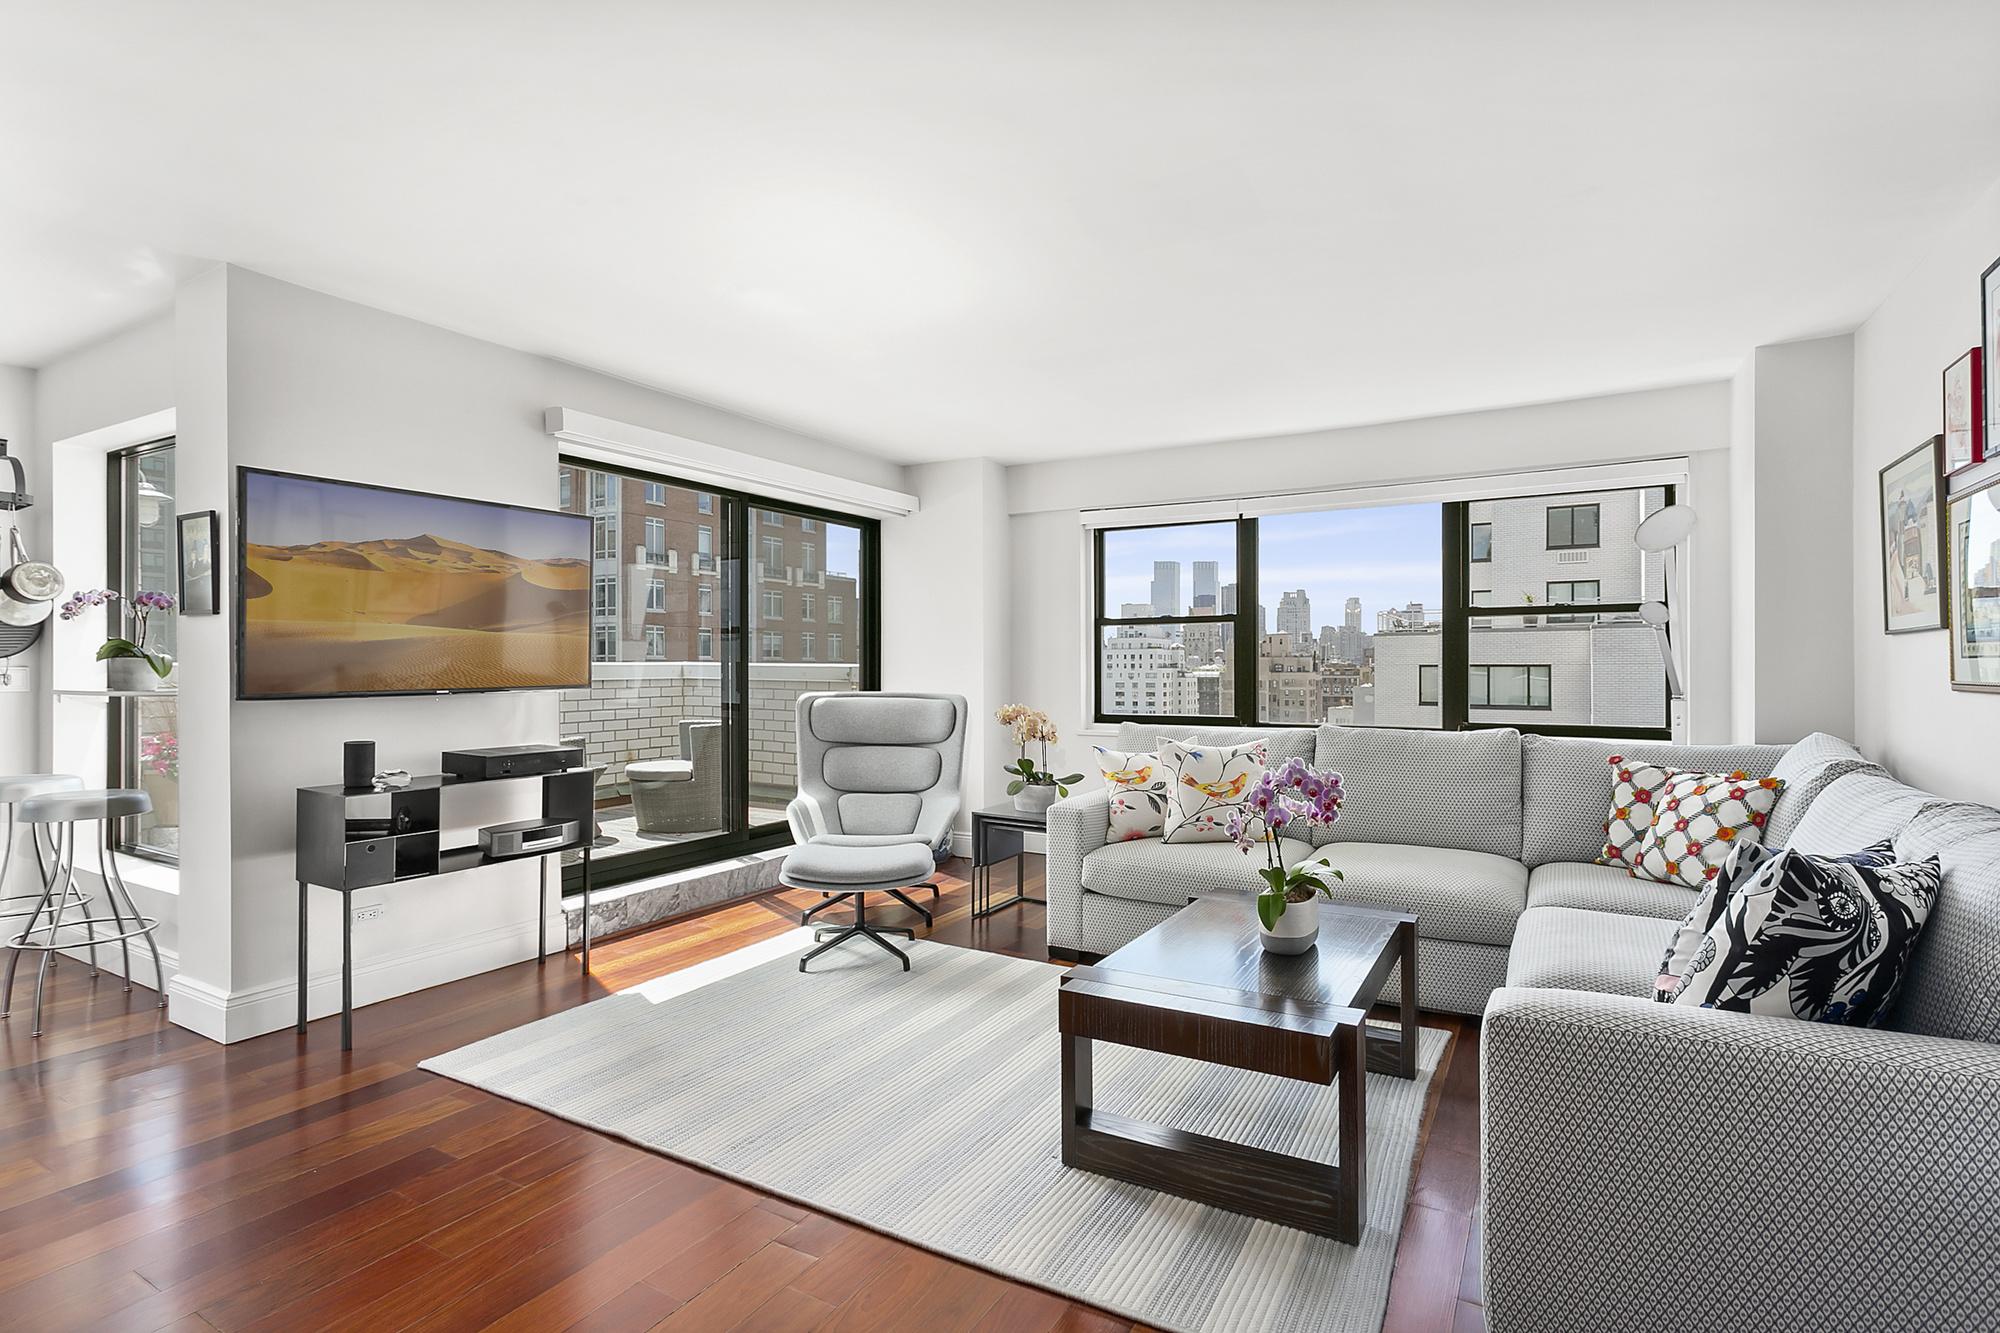 Upper East Side Real Estate, Upper East Side Homes for sale